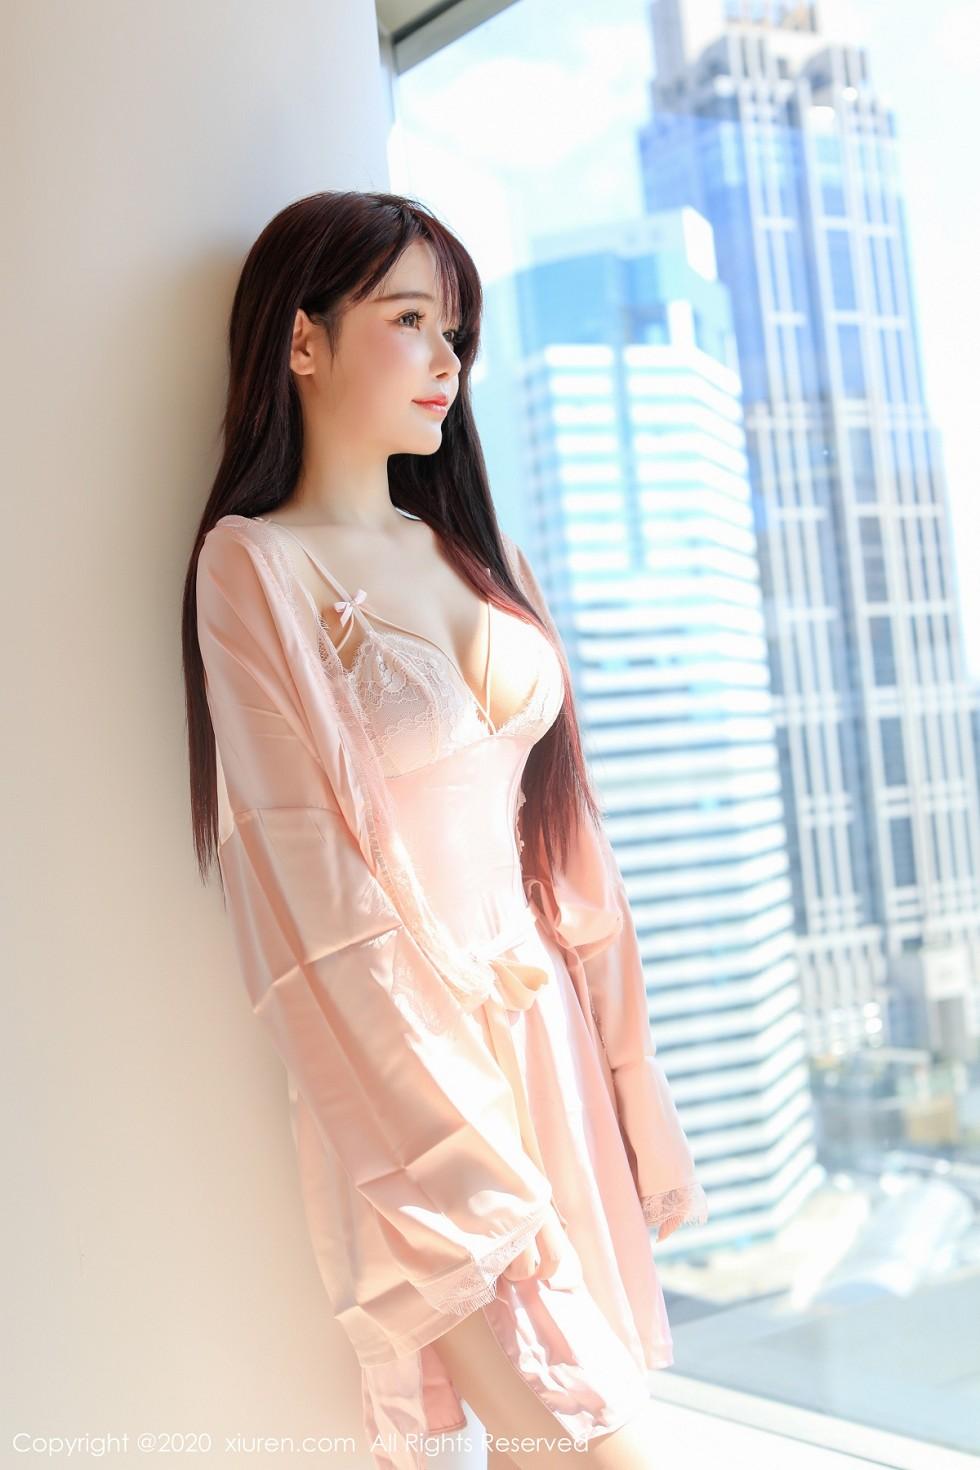 秀人网南初妹妹私房粉色吊带蕾丝睡衣秀完美身材雪白娇乳诱惑写真图